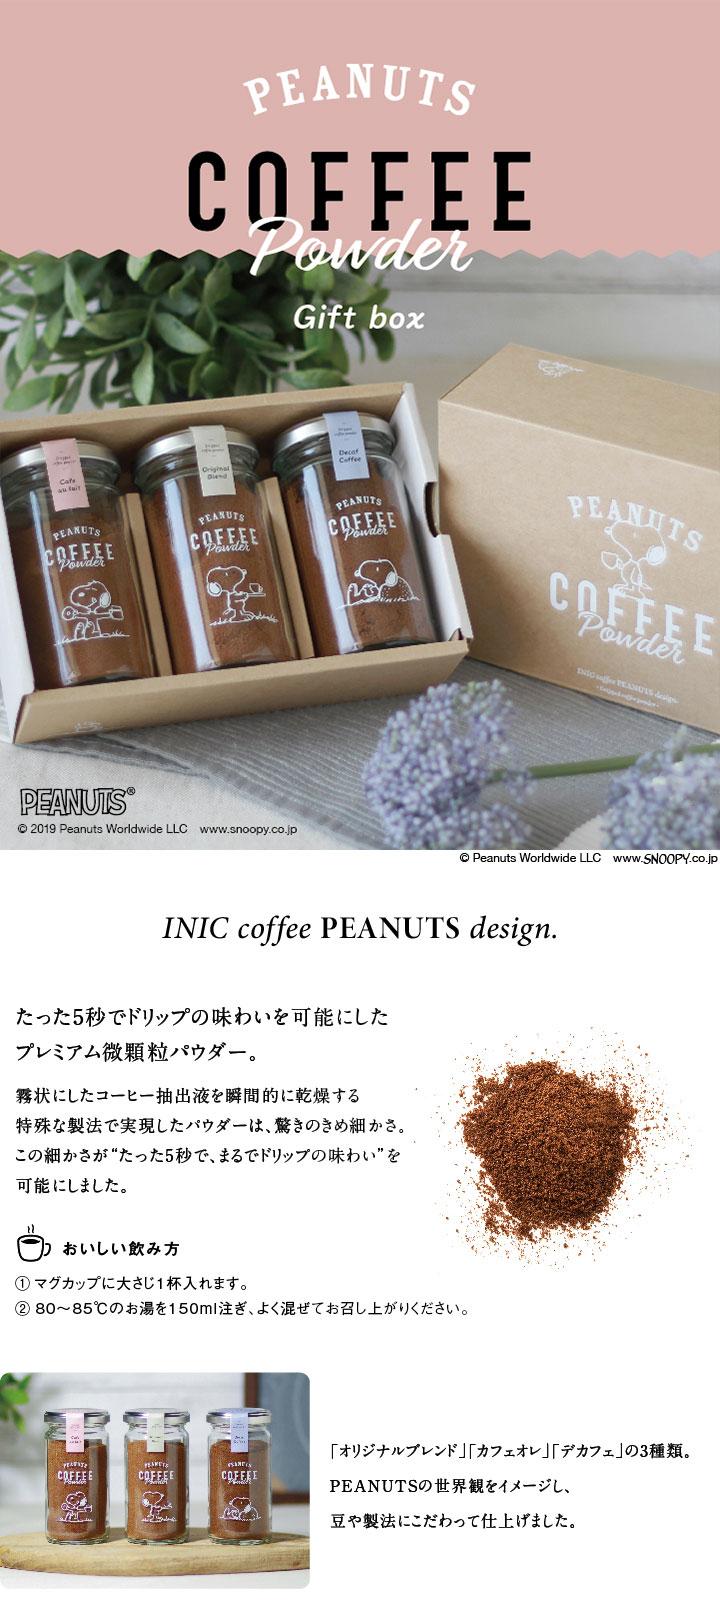 スヌーピー コーヒーパウダー 3 Bottle Gift Box